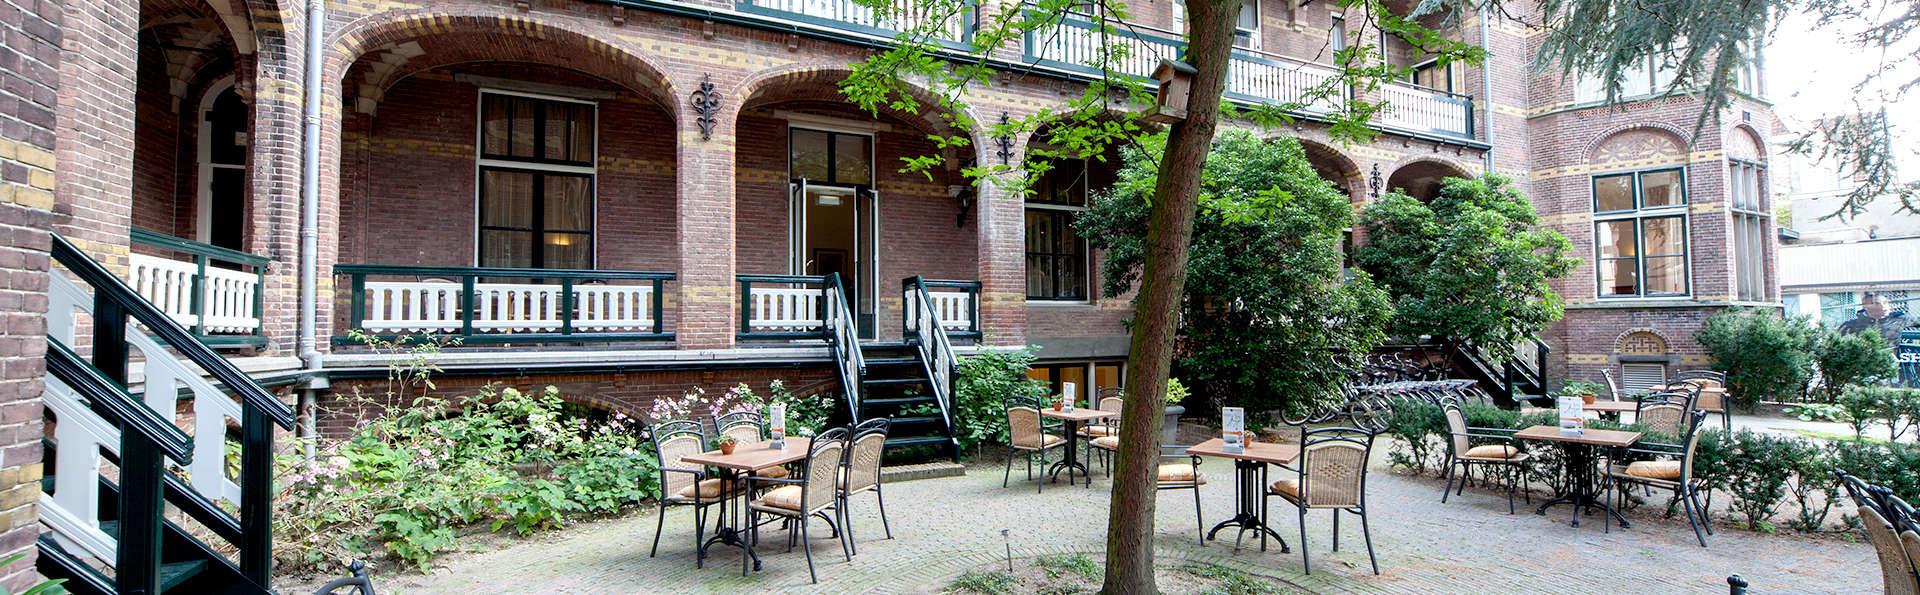 Gastronomie au cœur de Deventer, aux Pays-Bas